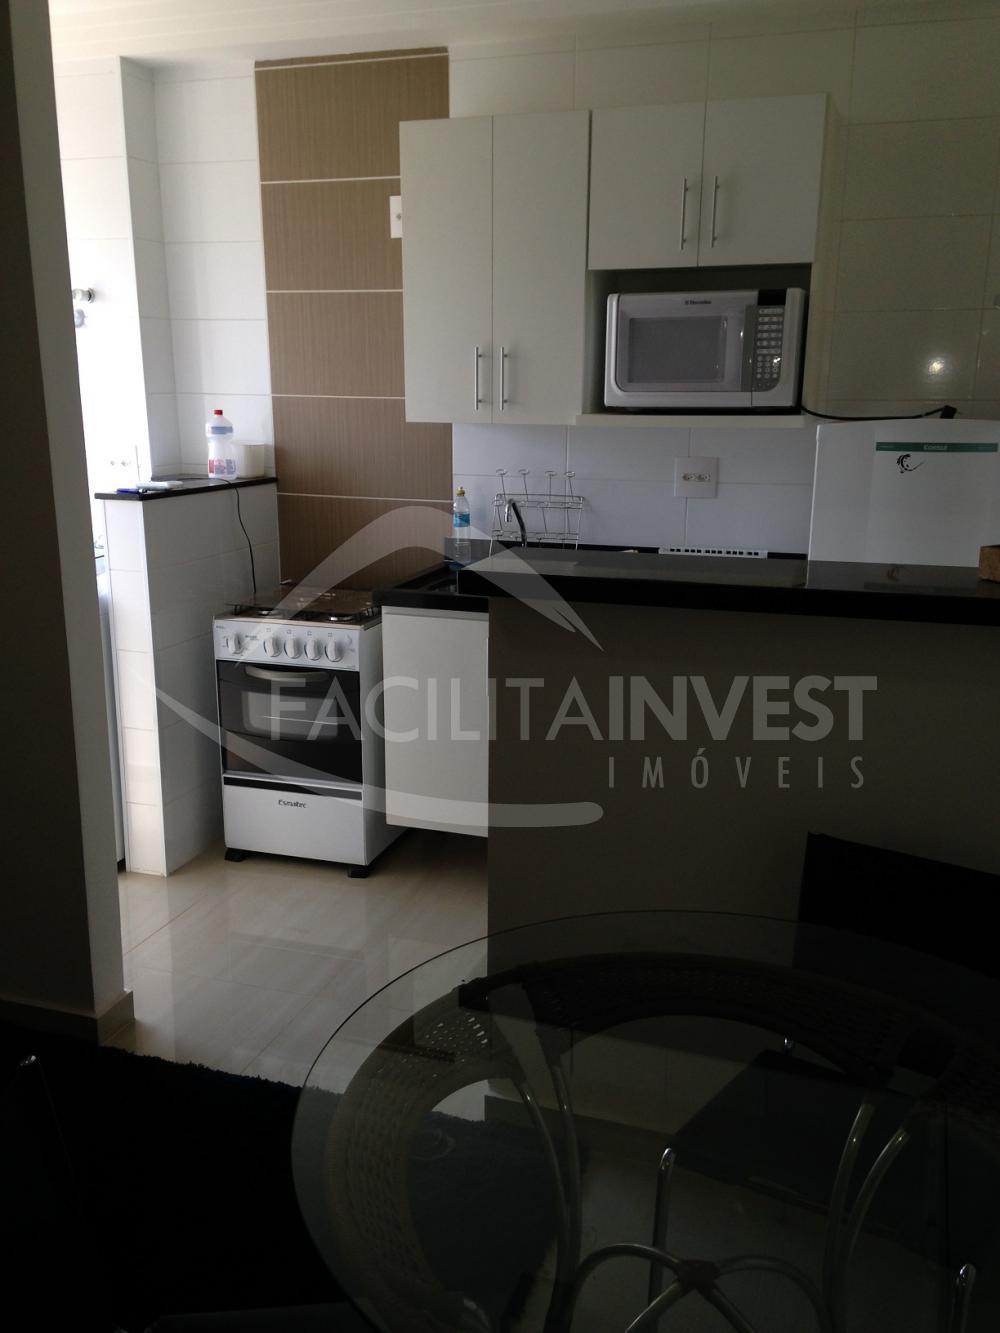 Alugar Apartamentos / Apart. Padrão em Ribeirão Preto R$ 1.400,00 - Foto 2